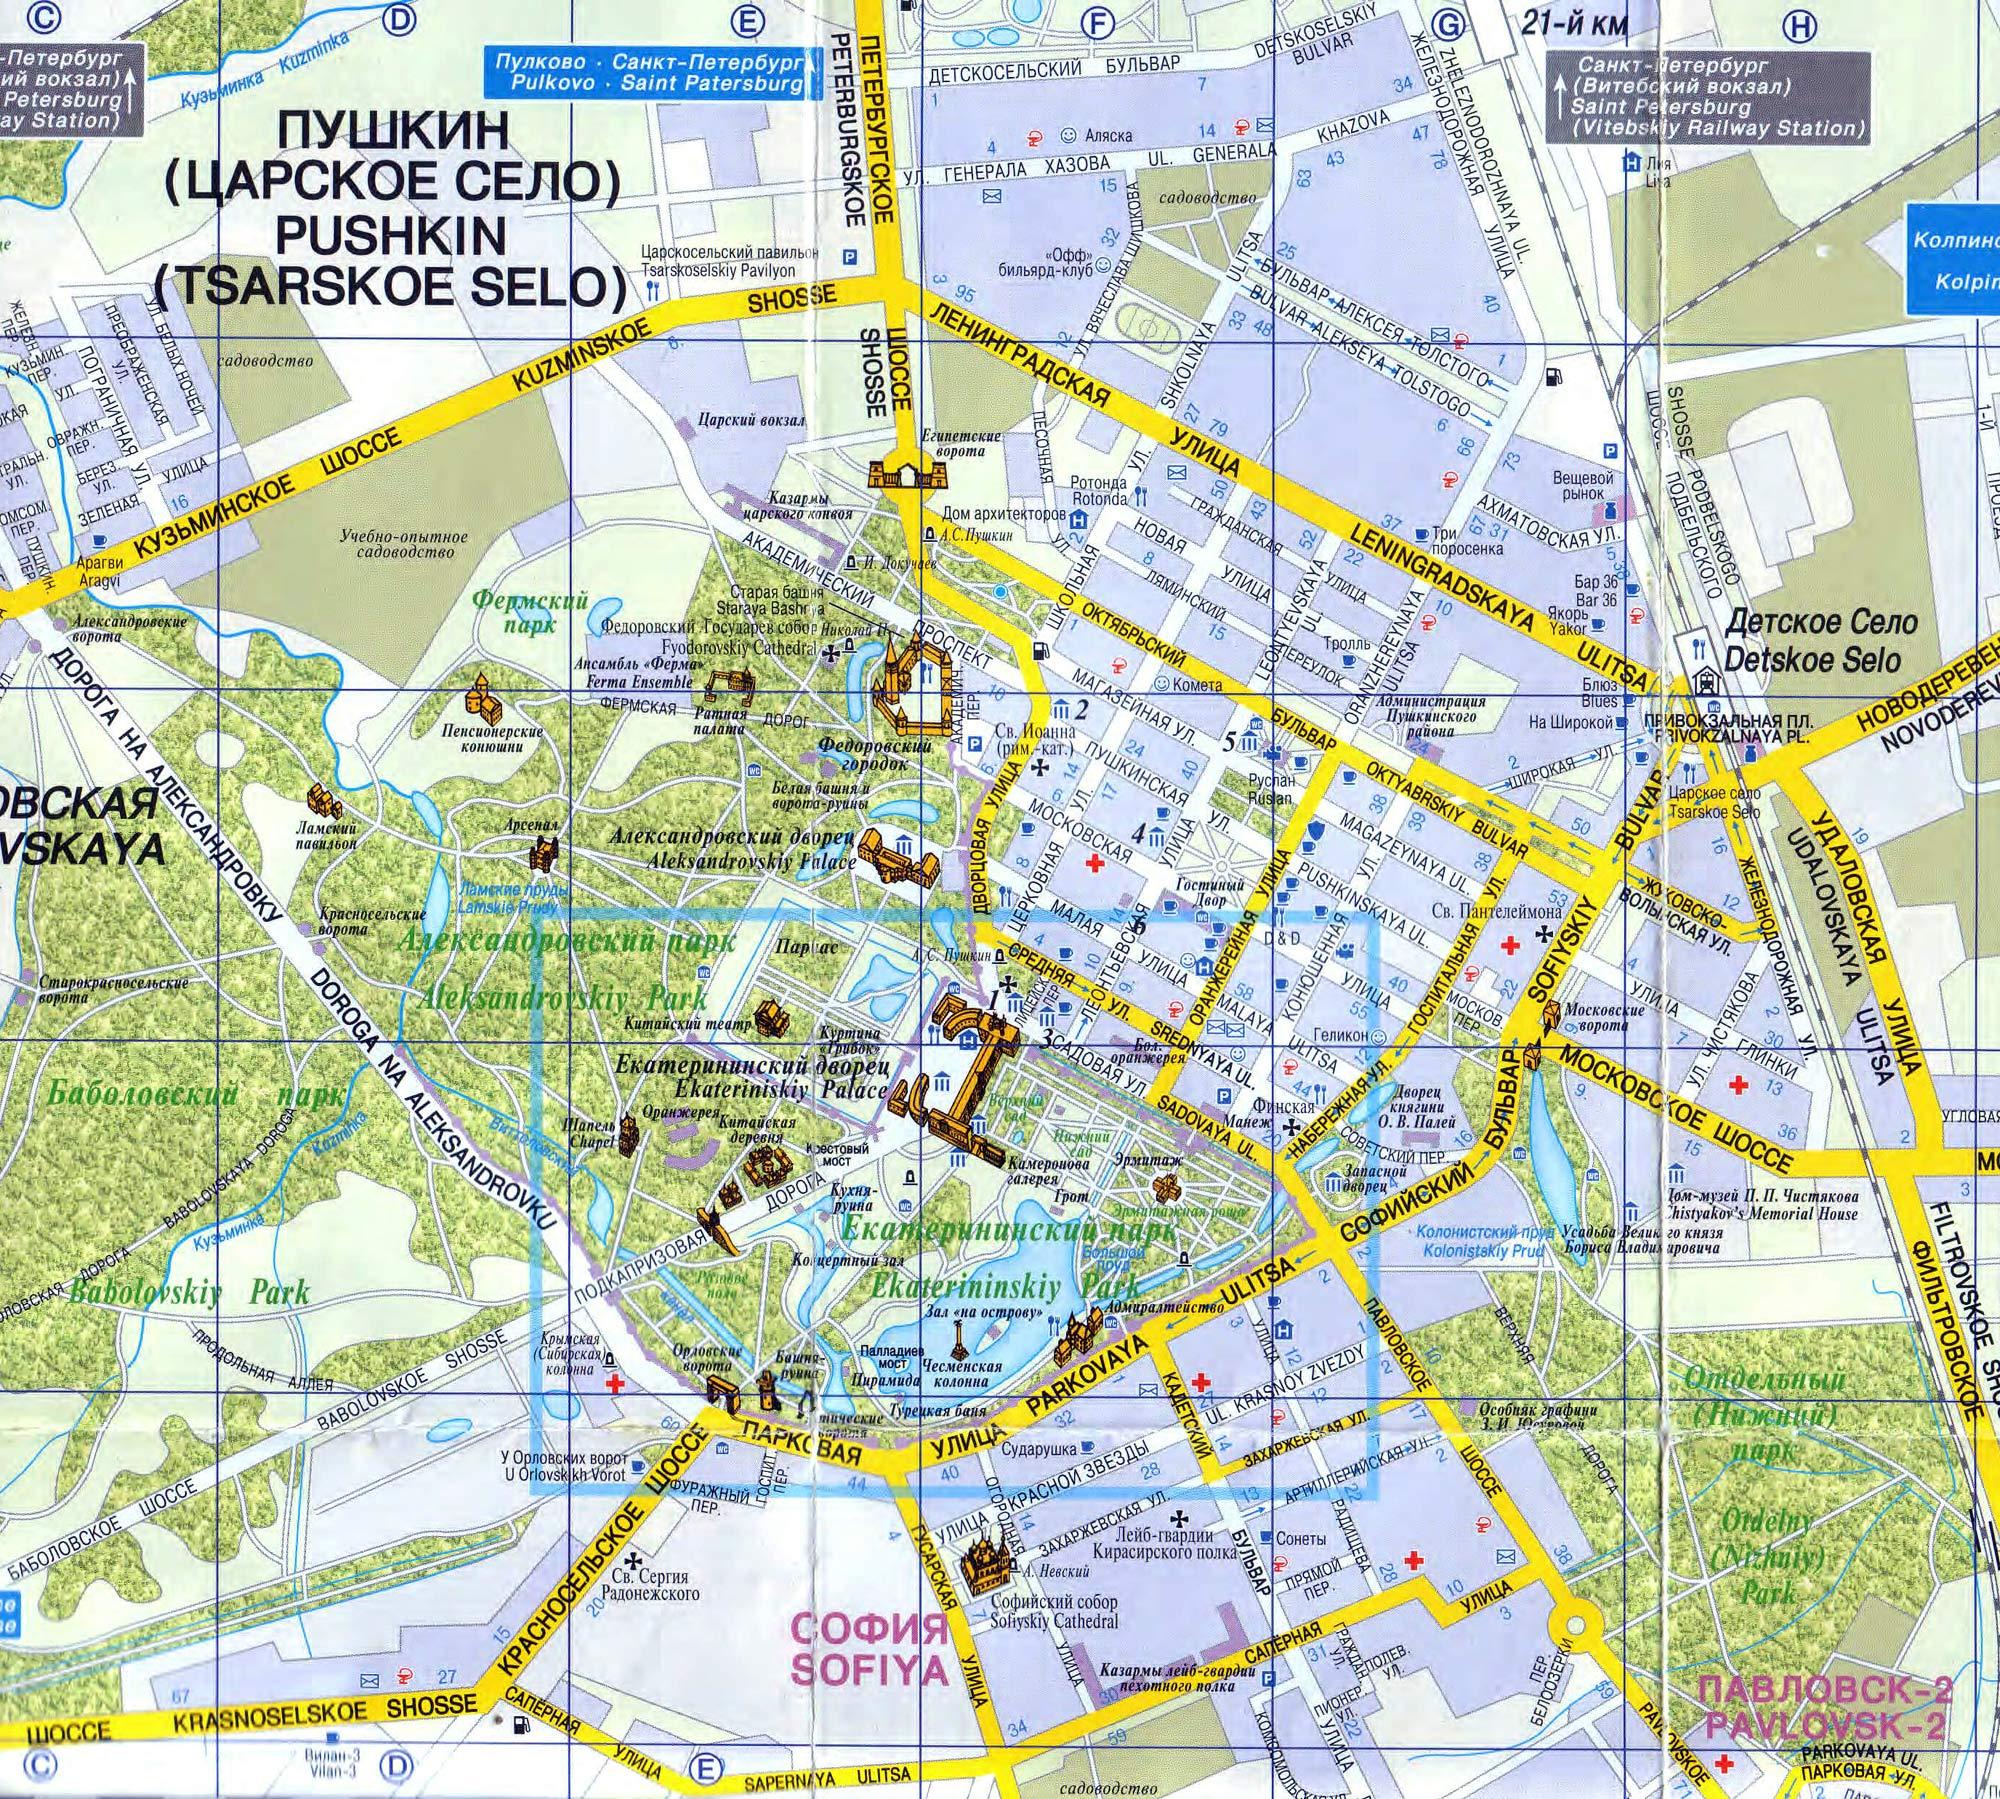 дешевые зеленые карты в санкт петербурге тереть или растягивать